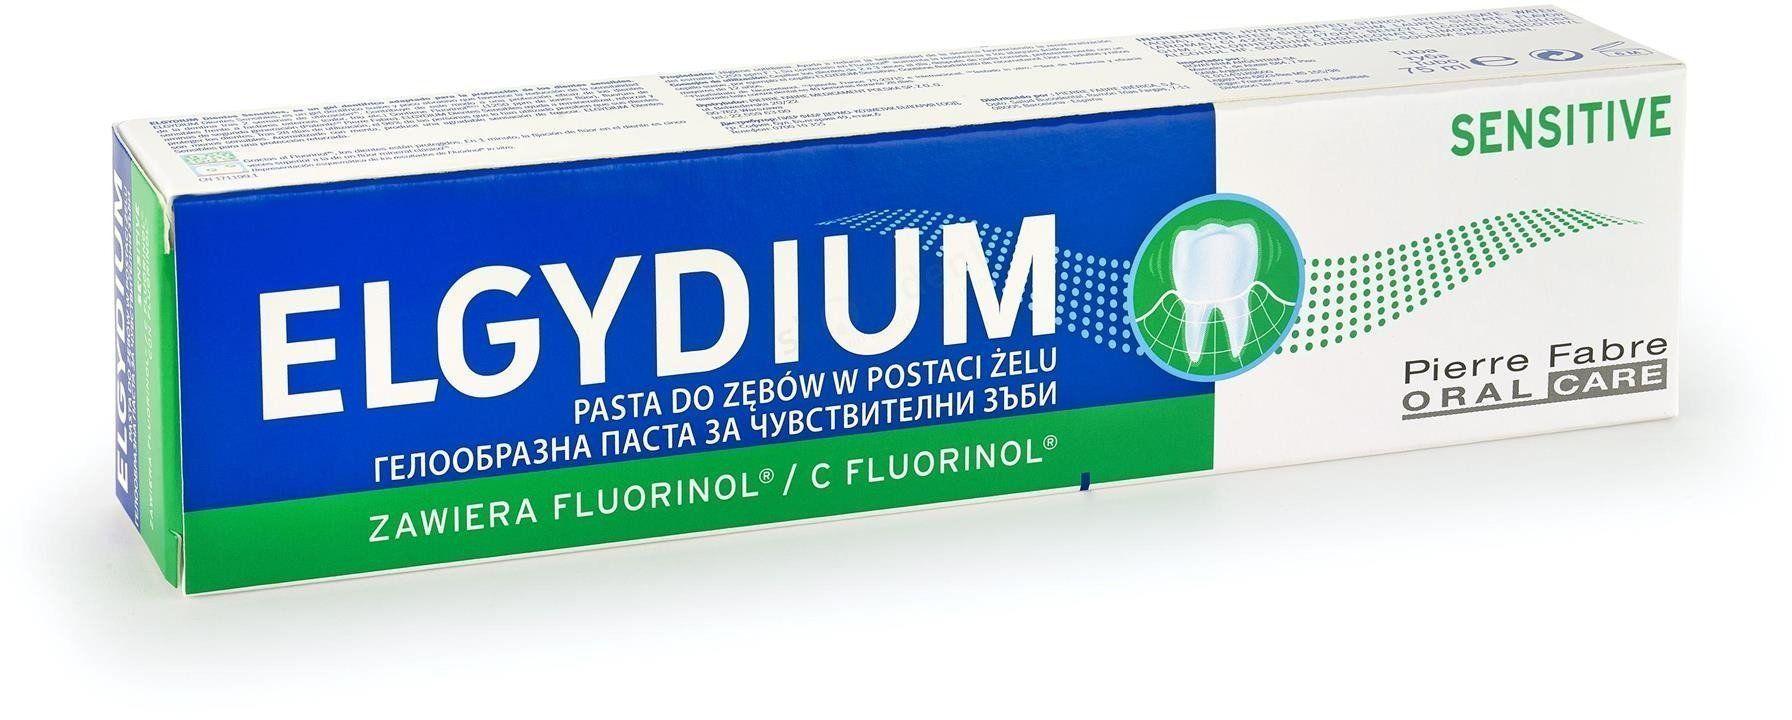 ELGYDIUM Sensitive - Pasta do zębów wrażliwych 75 ml